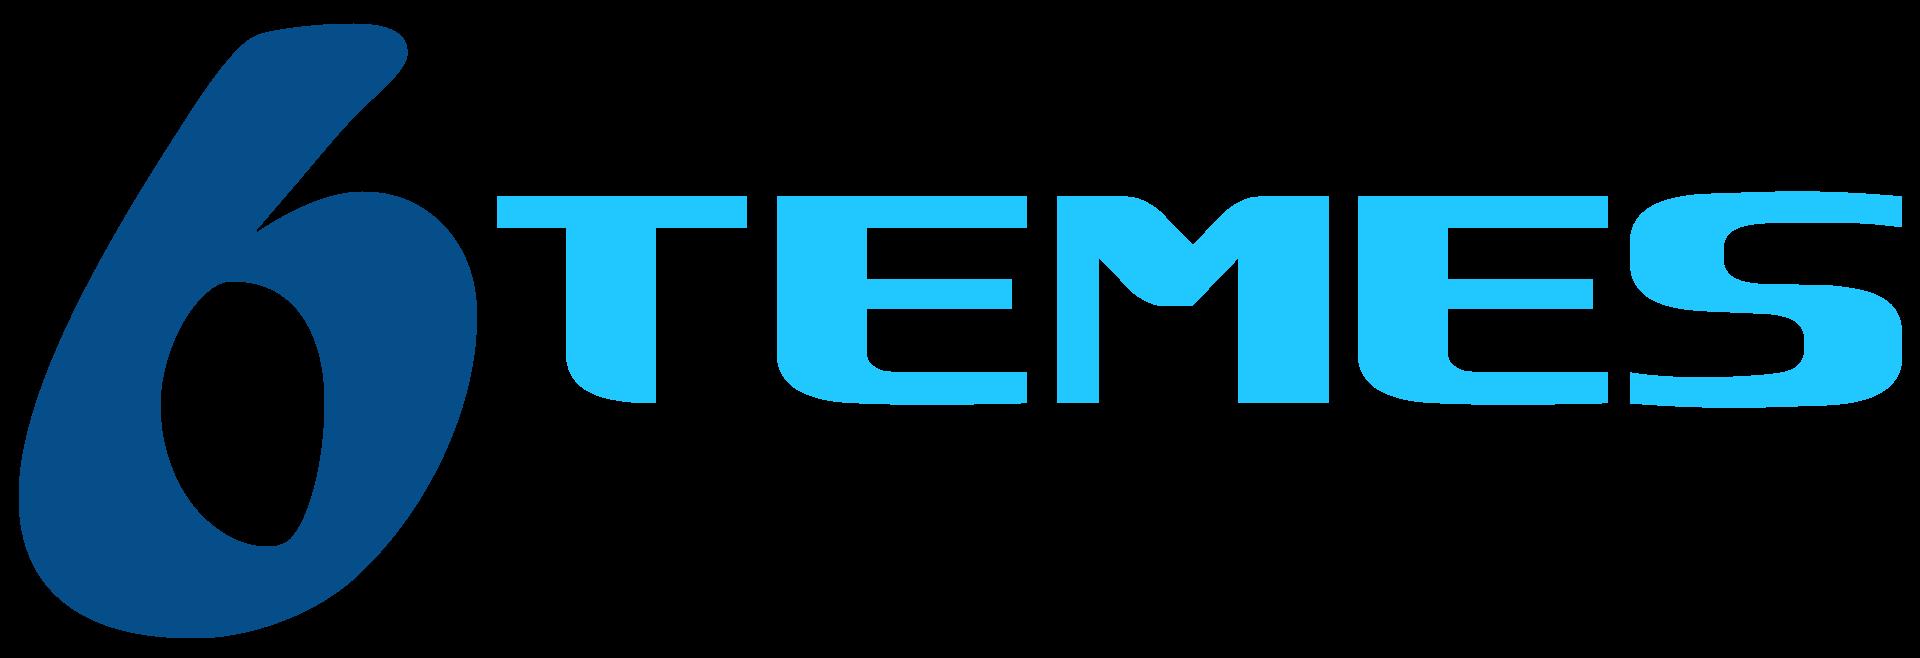 6TEMES